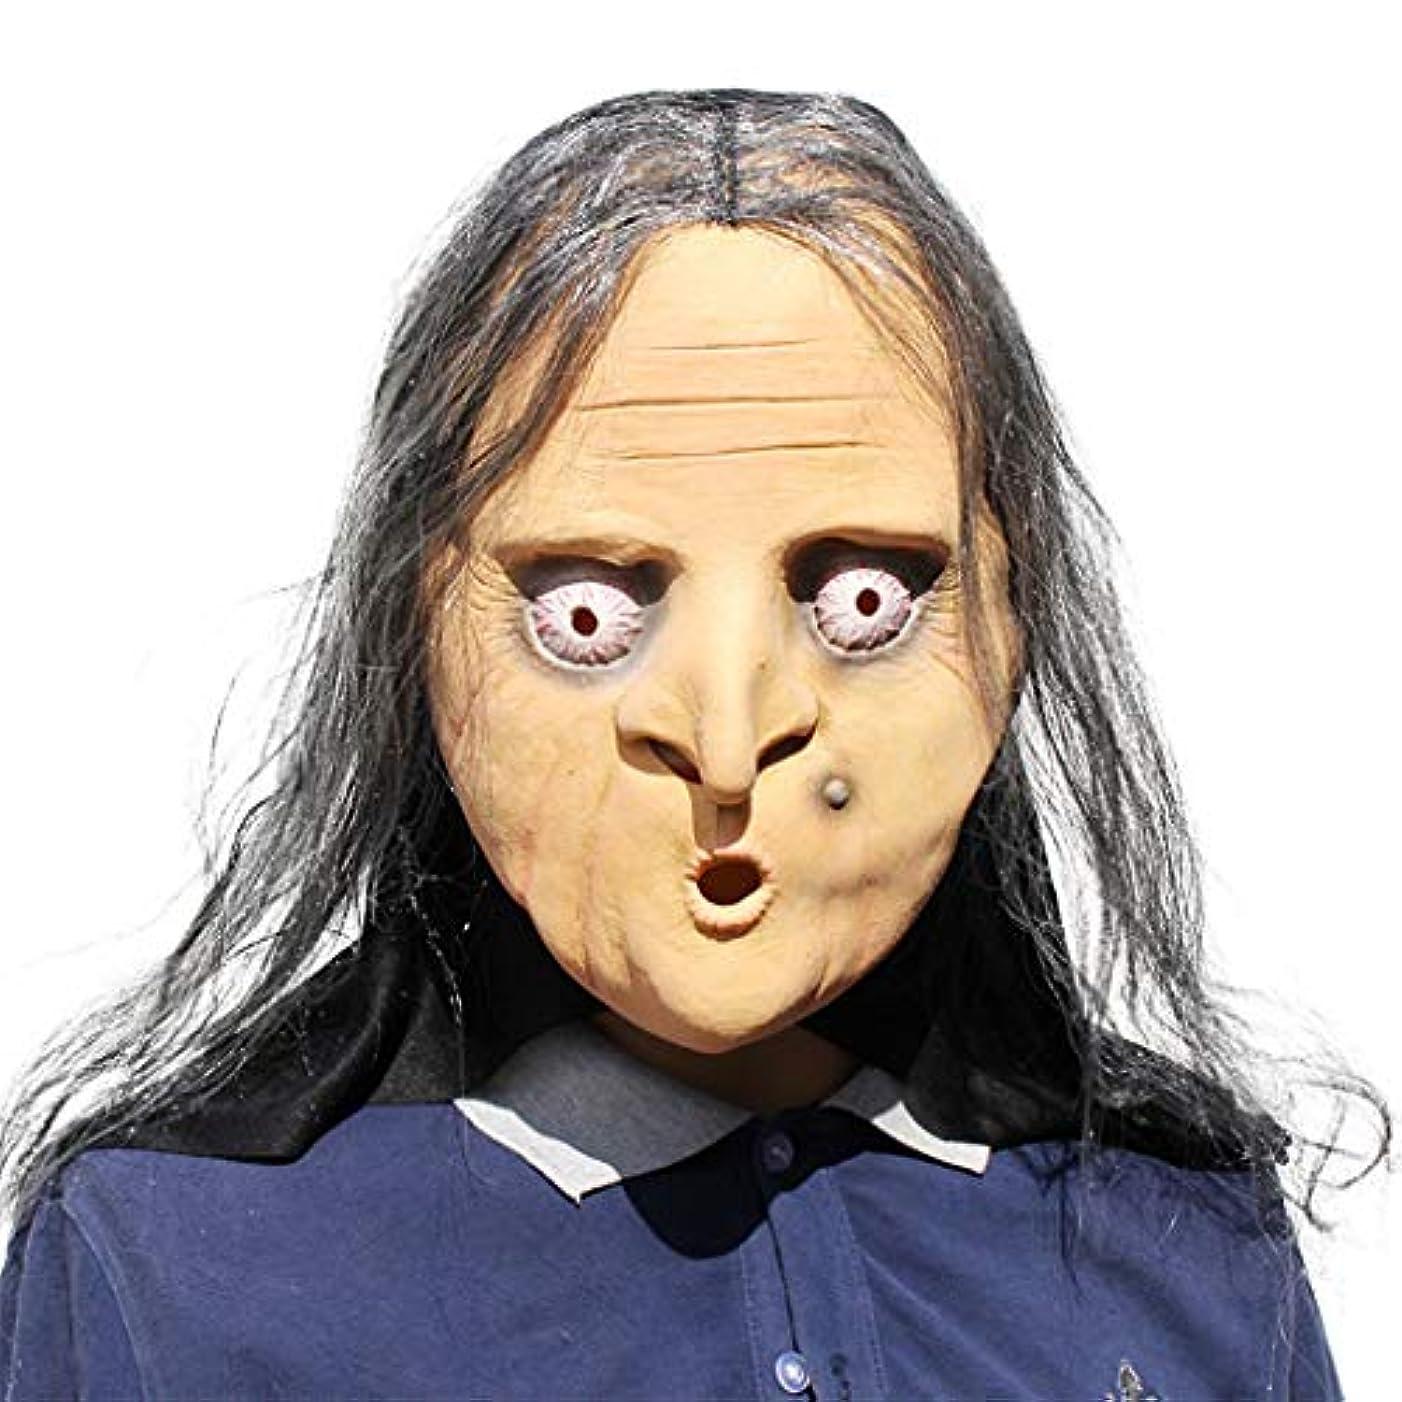 アクティブスチール特にハロウィーンマスク、ラテックスマスク、なりすまし魔女怖い通気性快適なフード、ハロウィーン仮装用、ギフト、コスチュームパーティー、イースター